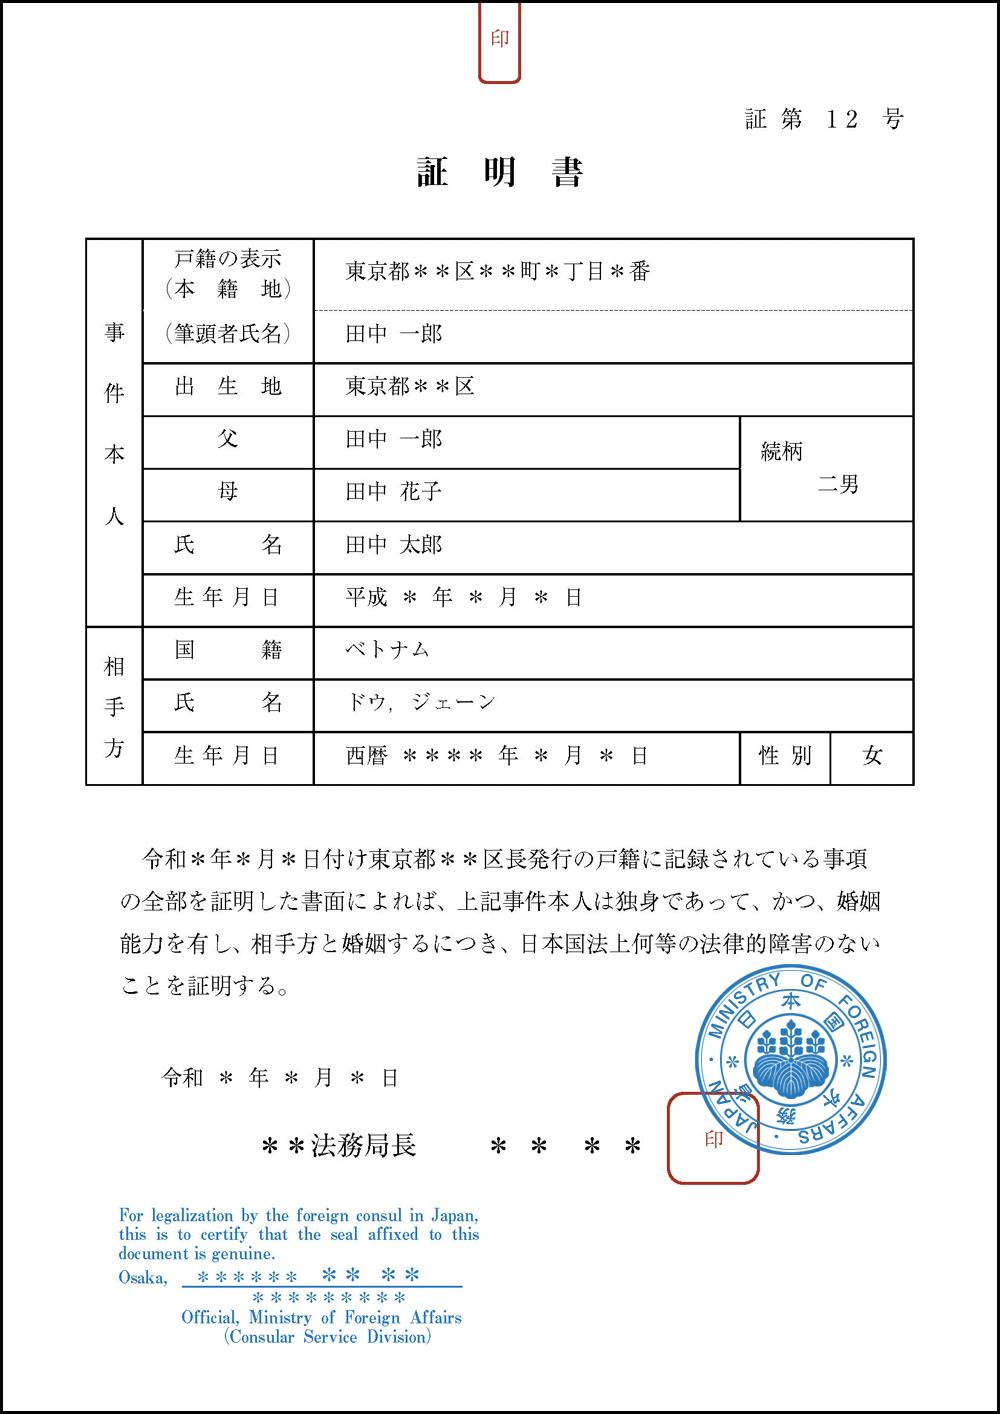 婚姻要件具備証明書の公印確認